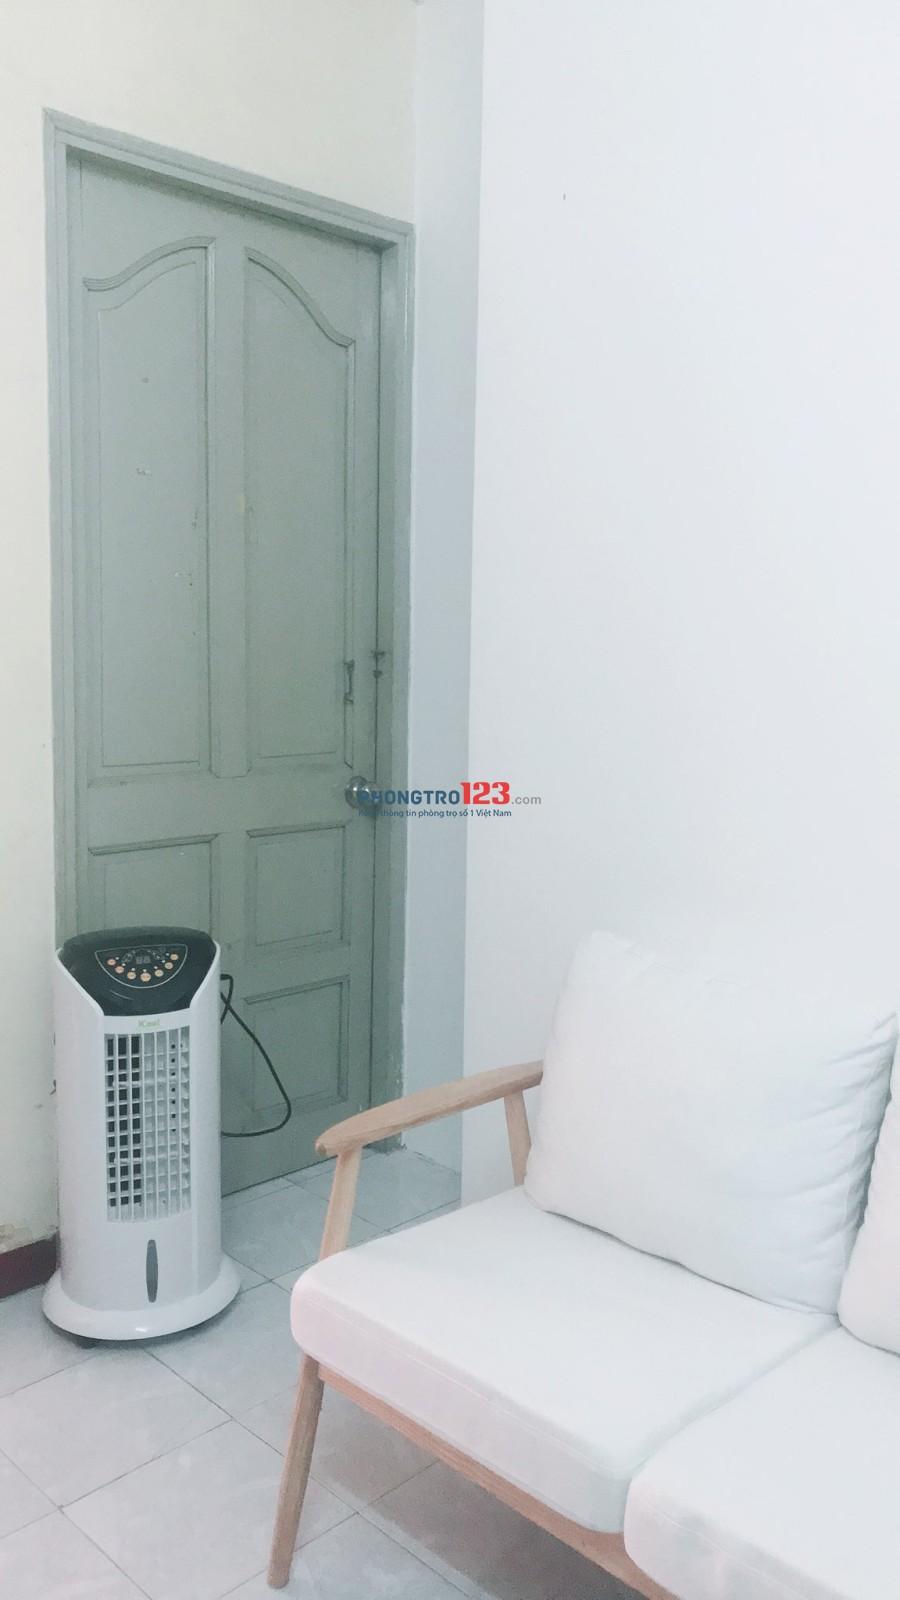 Cho thuê phòng mới, sạch đẹp, đường Tản Đà, quận 5